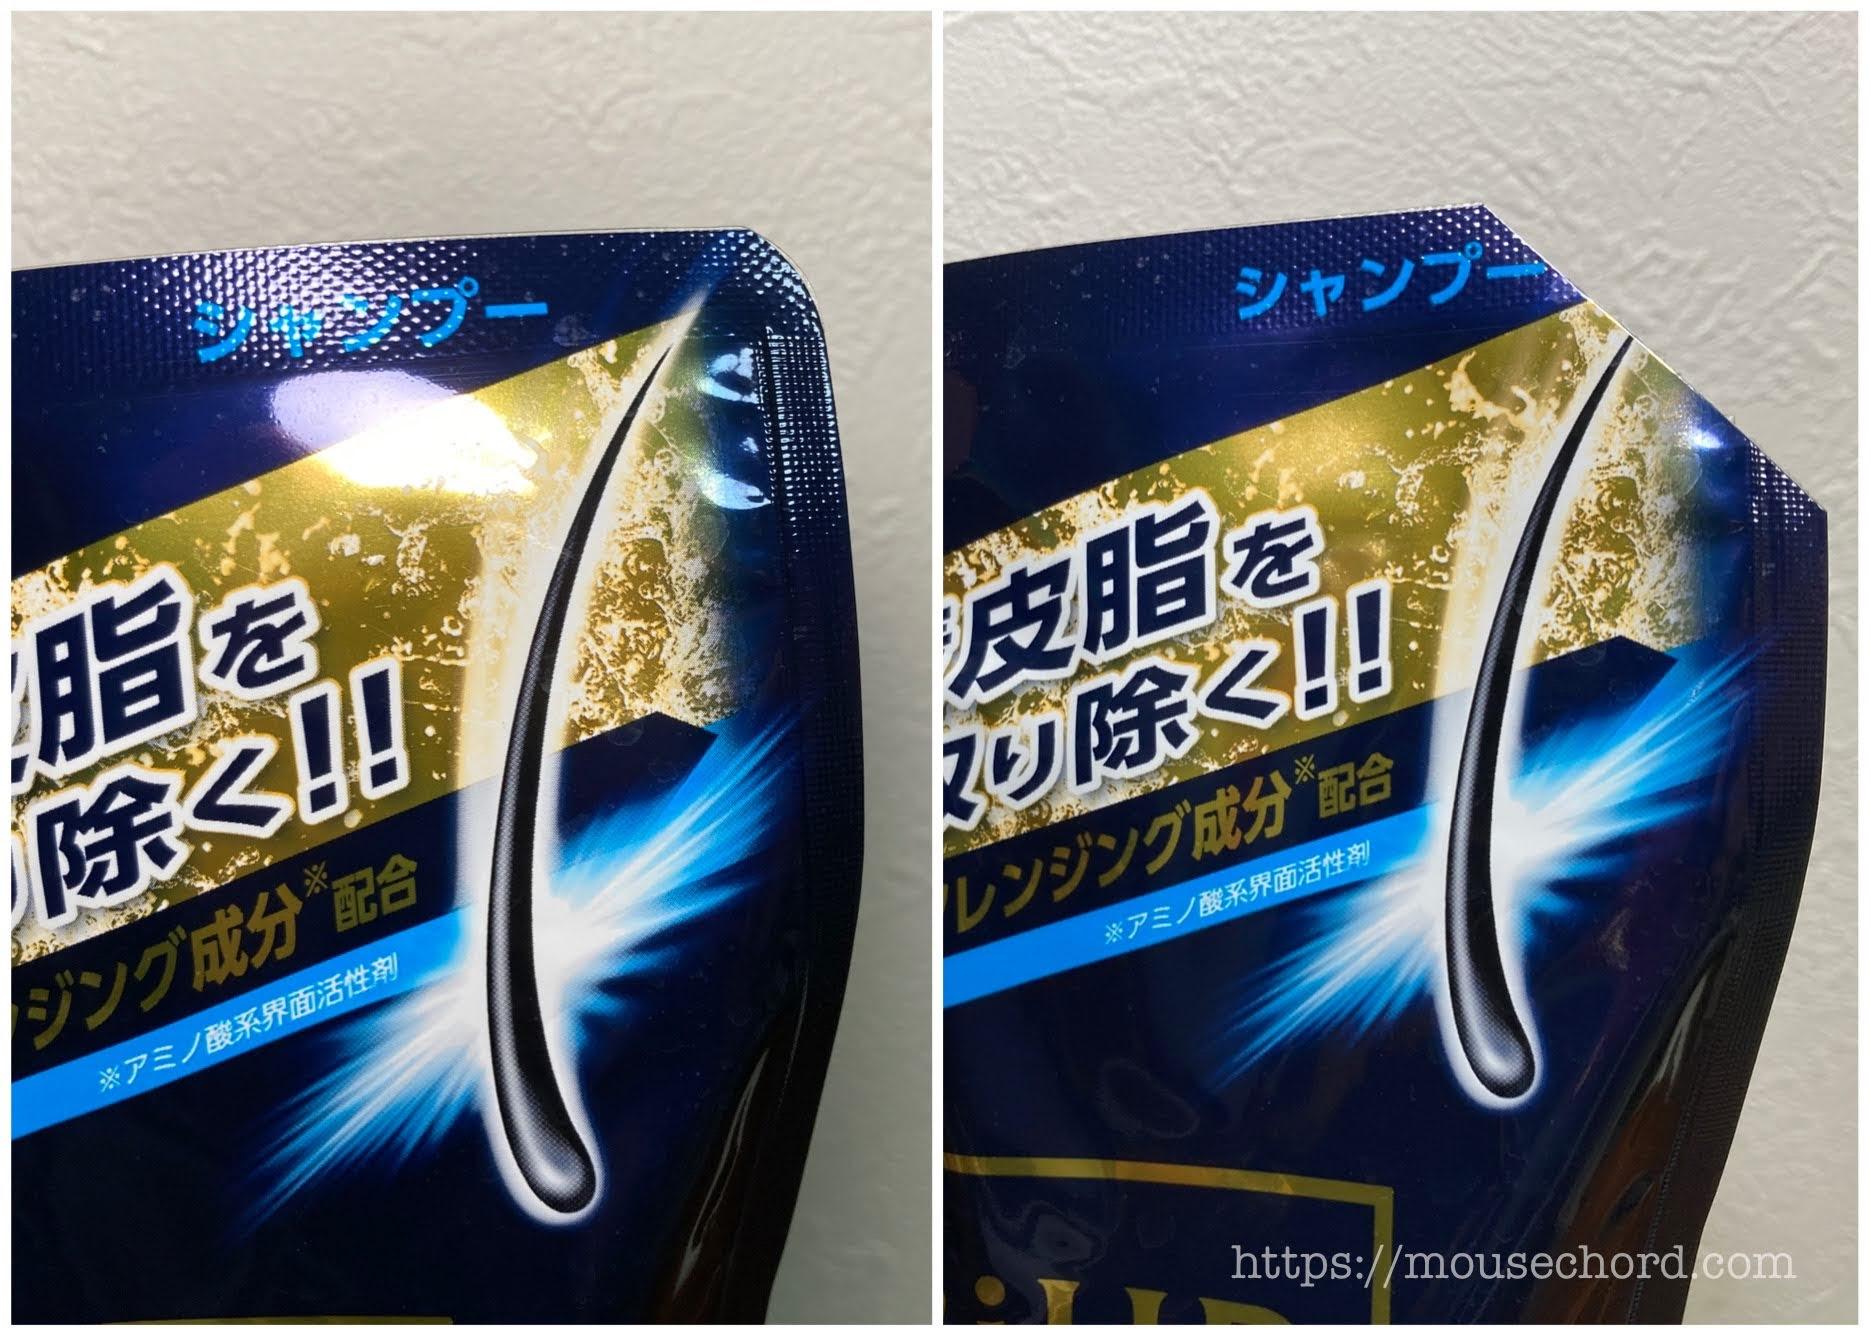 バスルームカビ防止!詰め替え用をそのまま利用できるアイテム